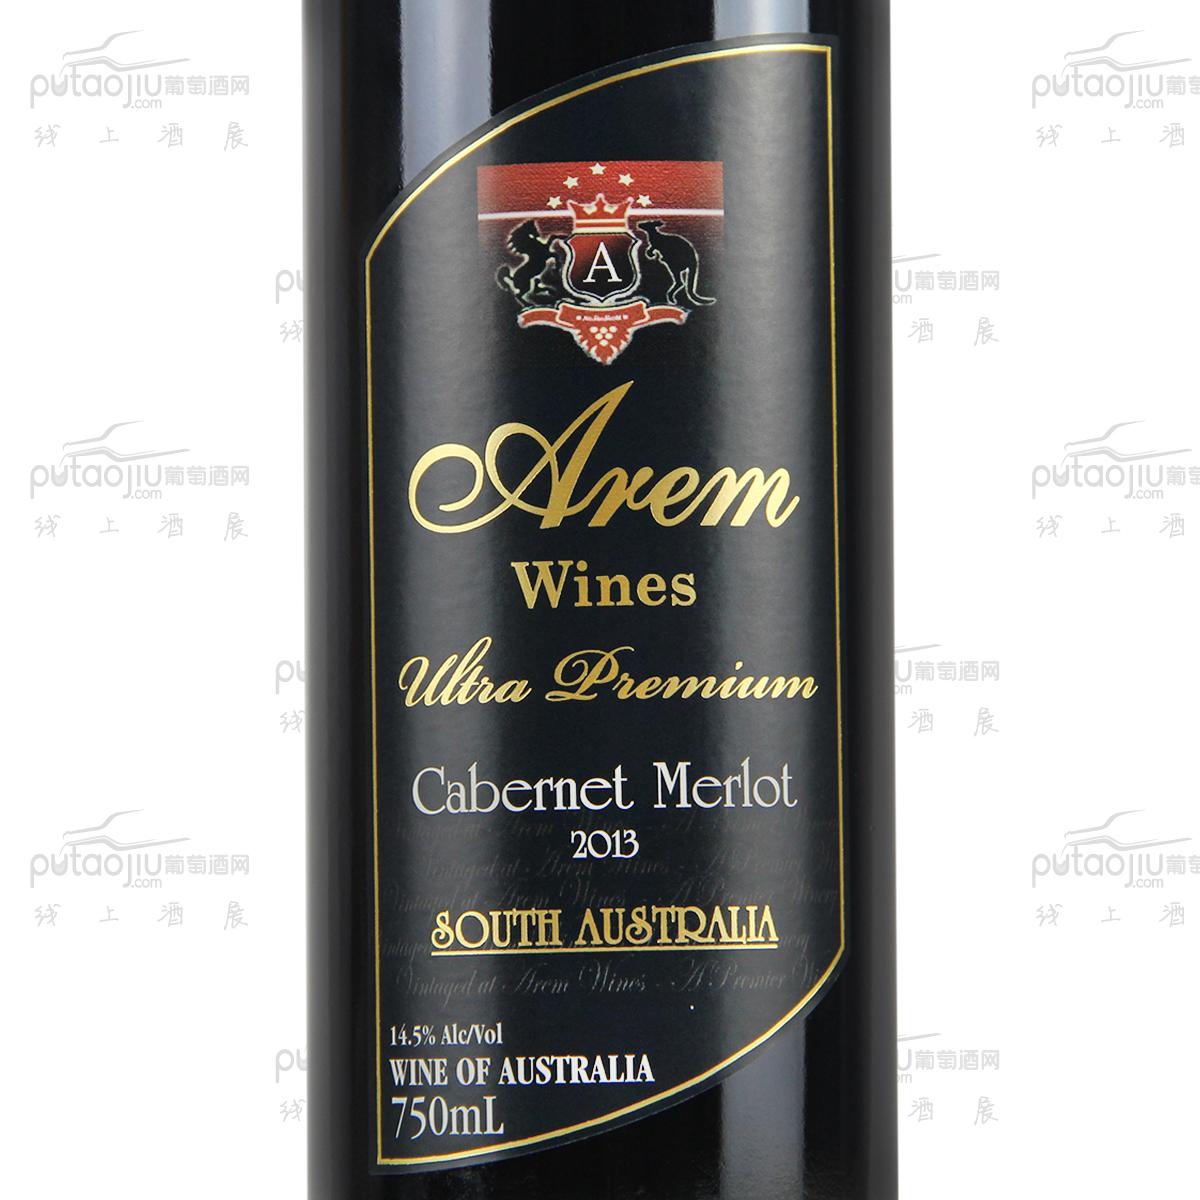 澳大利亚高奔产区澳宝红酒庄混酿超优质黑宝干红葡萄酒